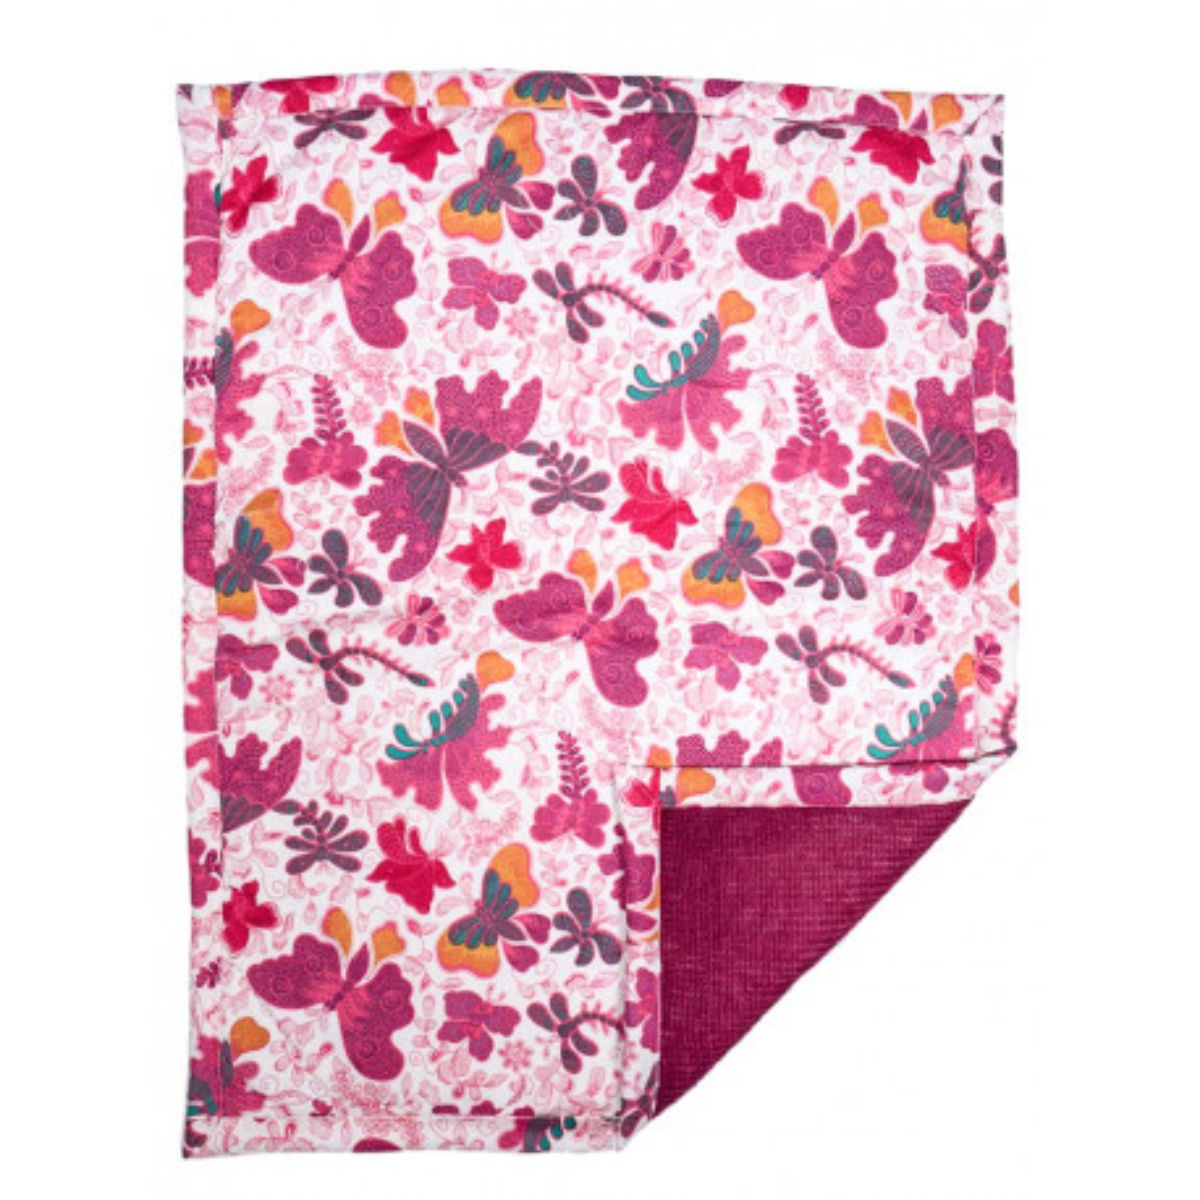 Couverture plaid bébé laine et coton papillons roses